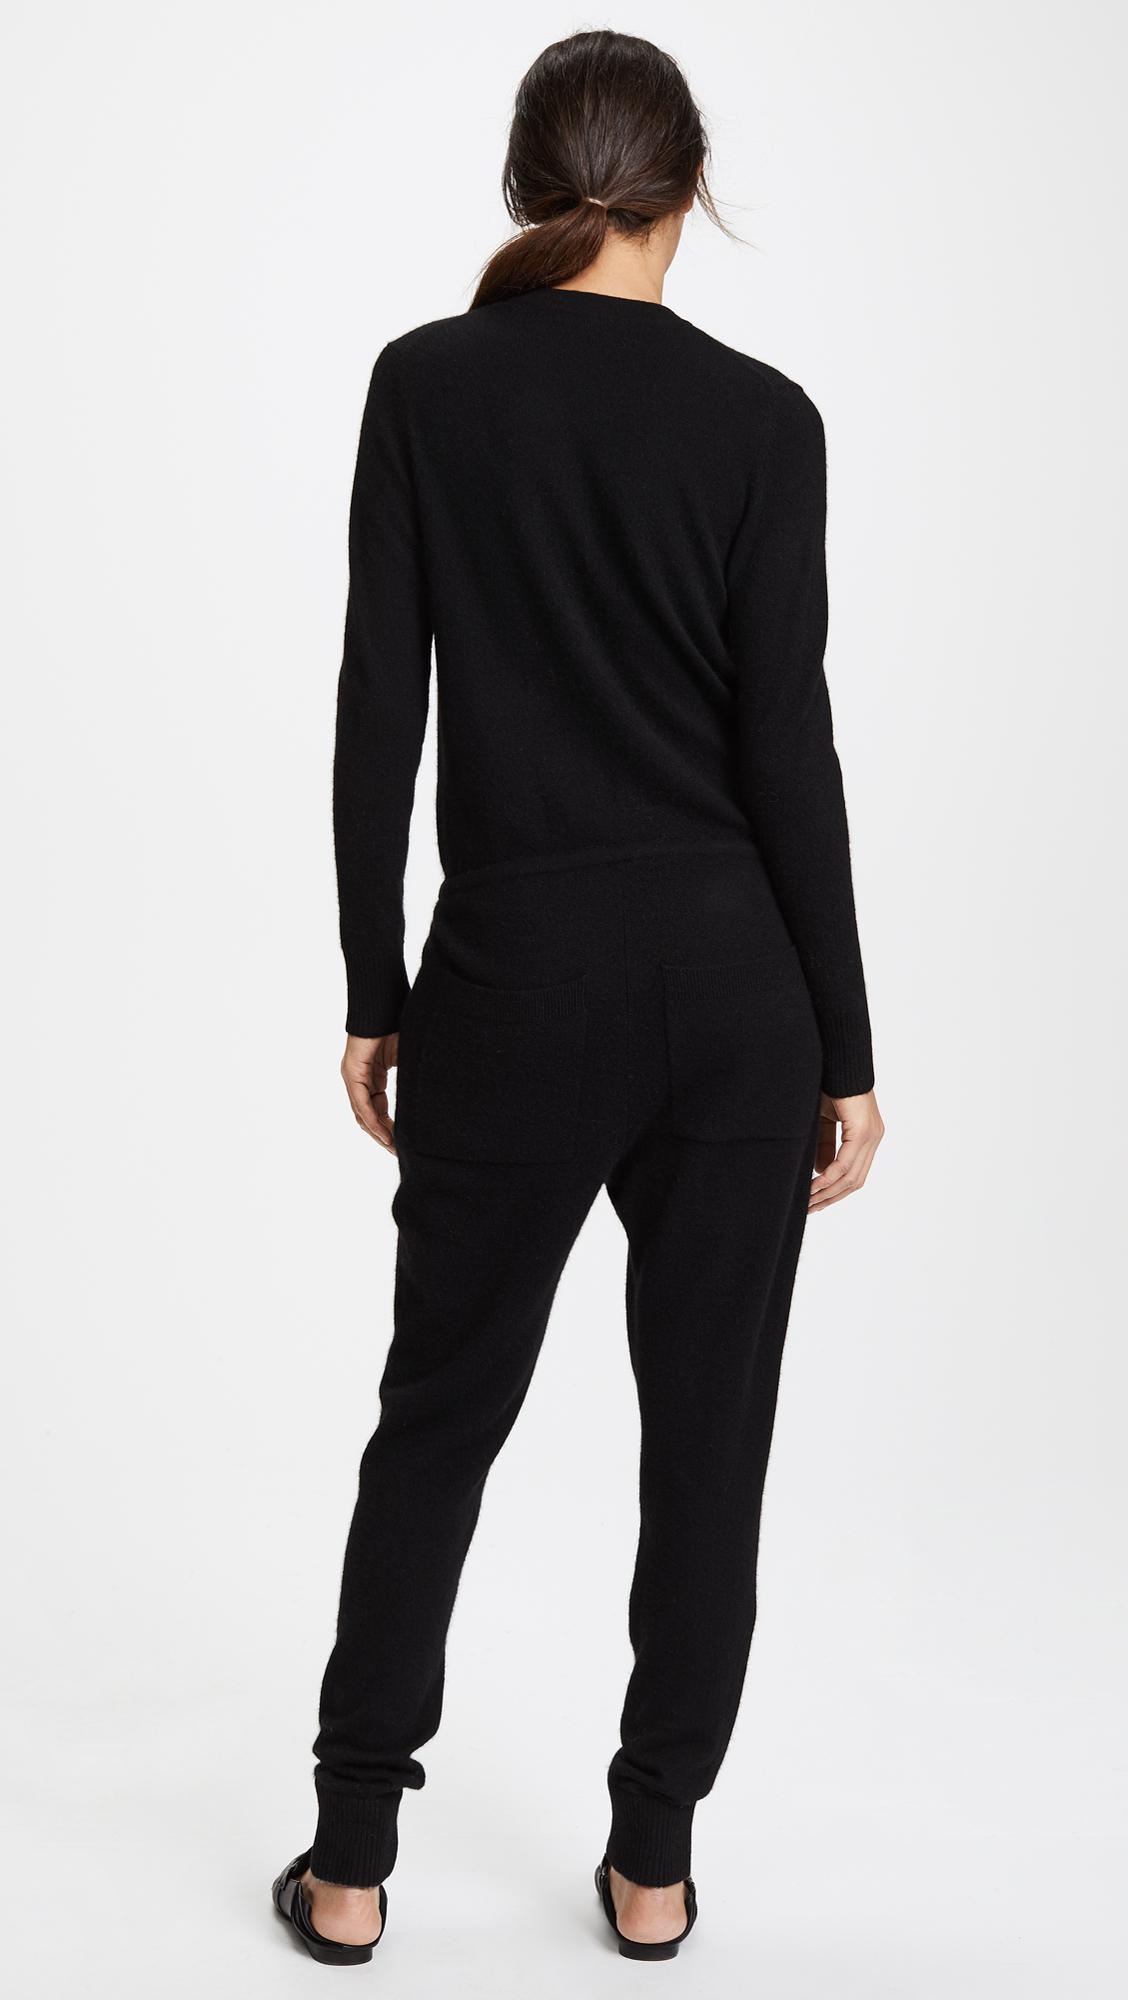 ae9714e7e53 Lyst - White + Warren Cashmere V Neck Jumpsuit in Black